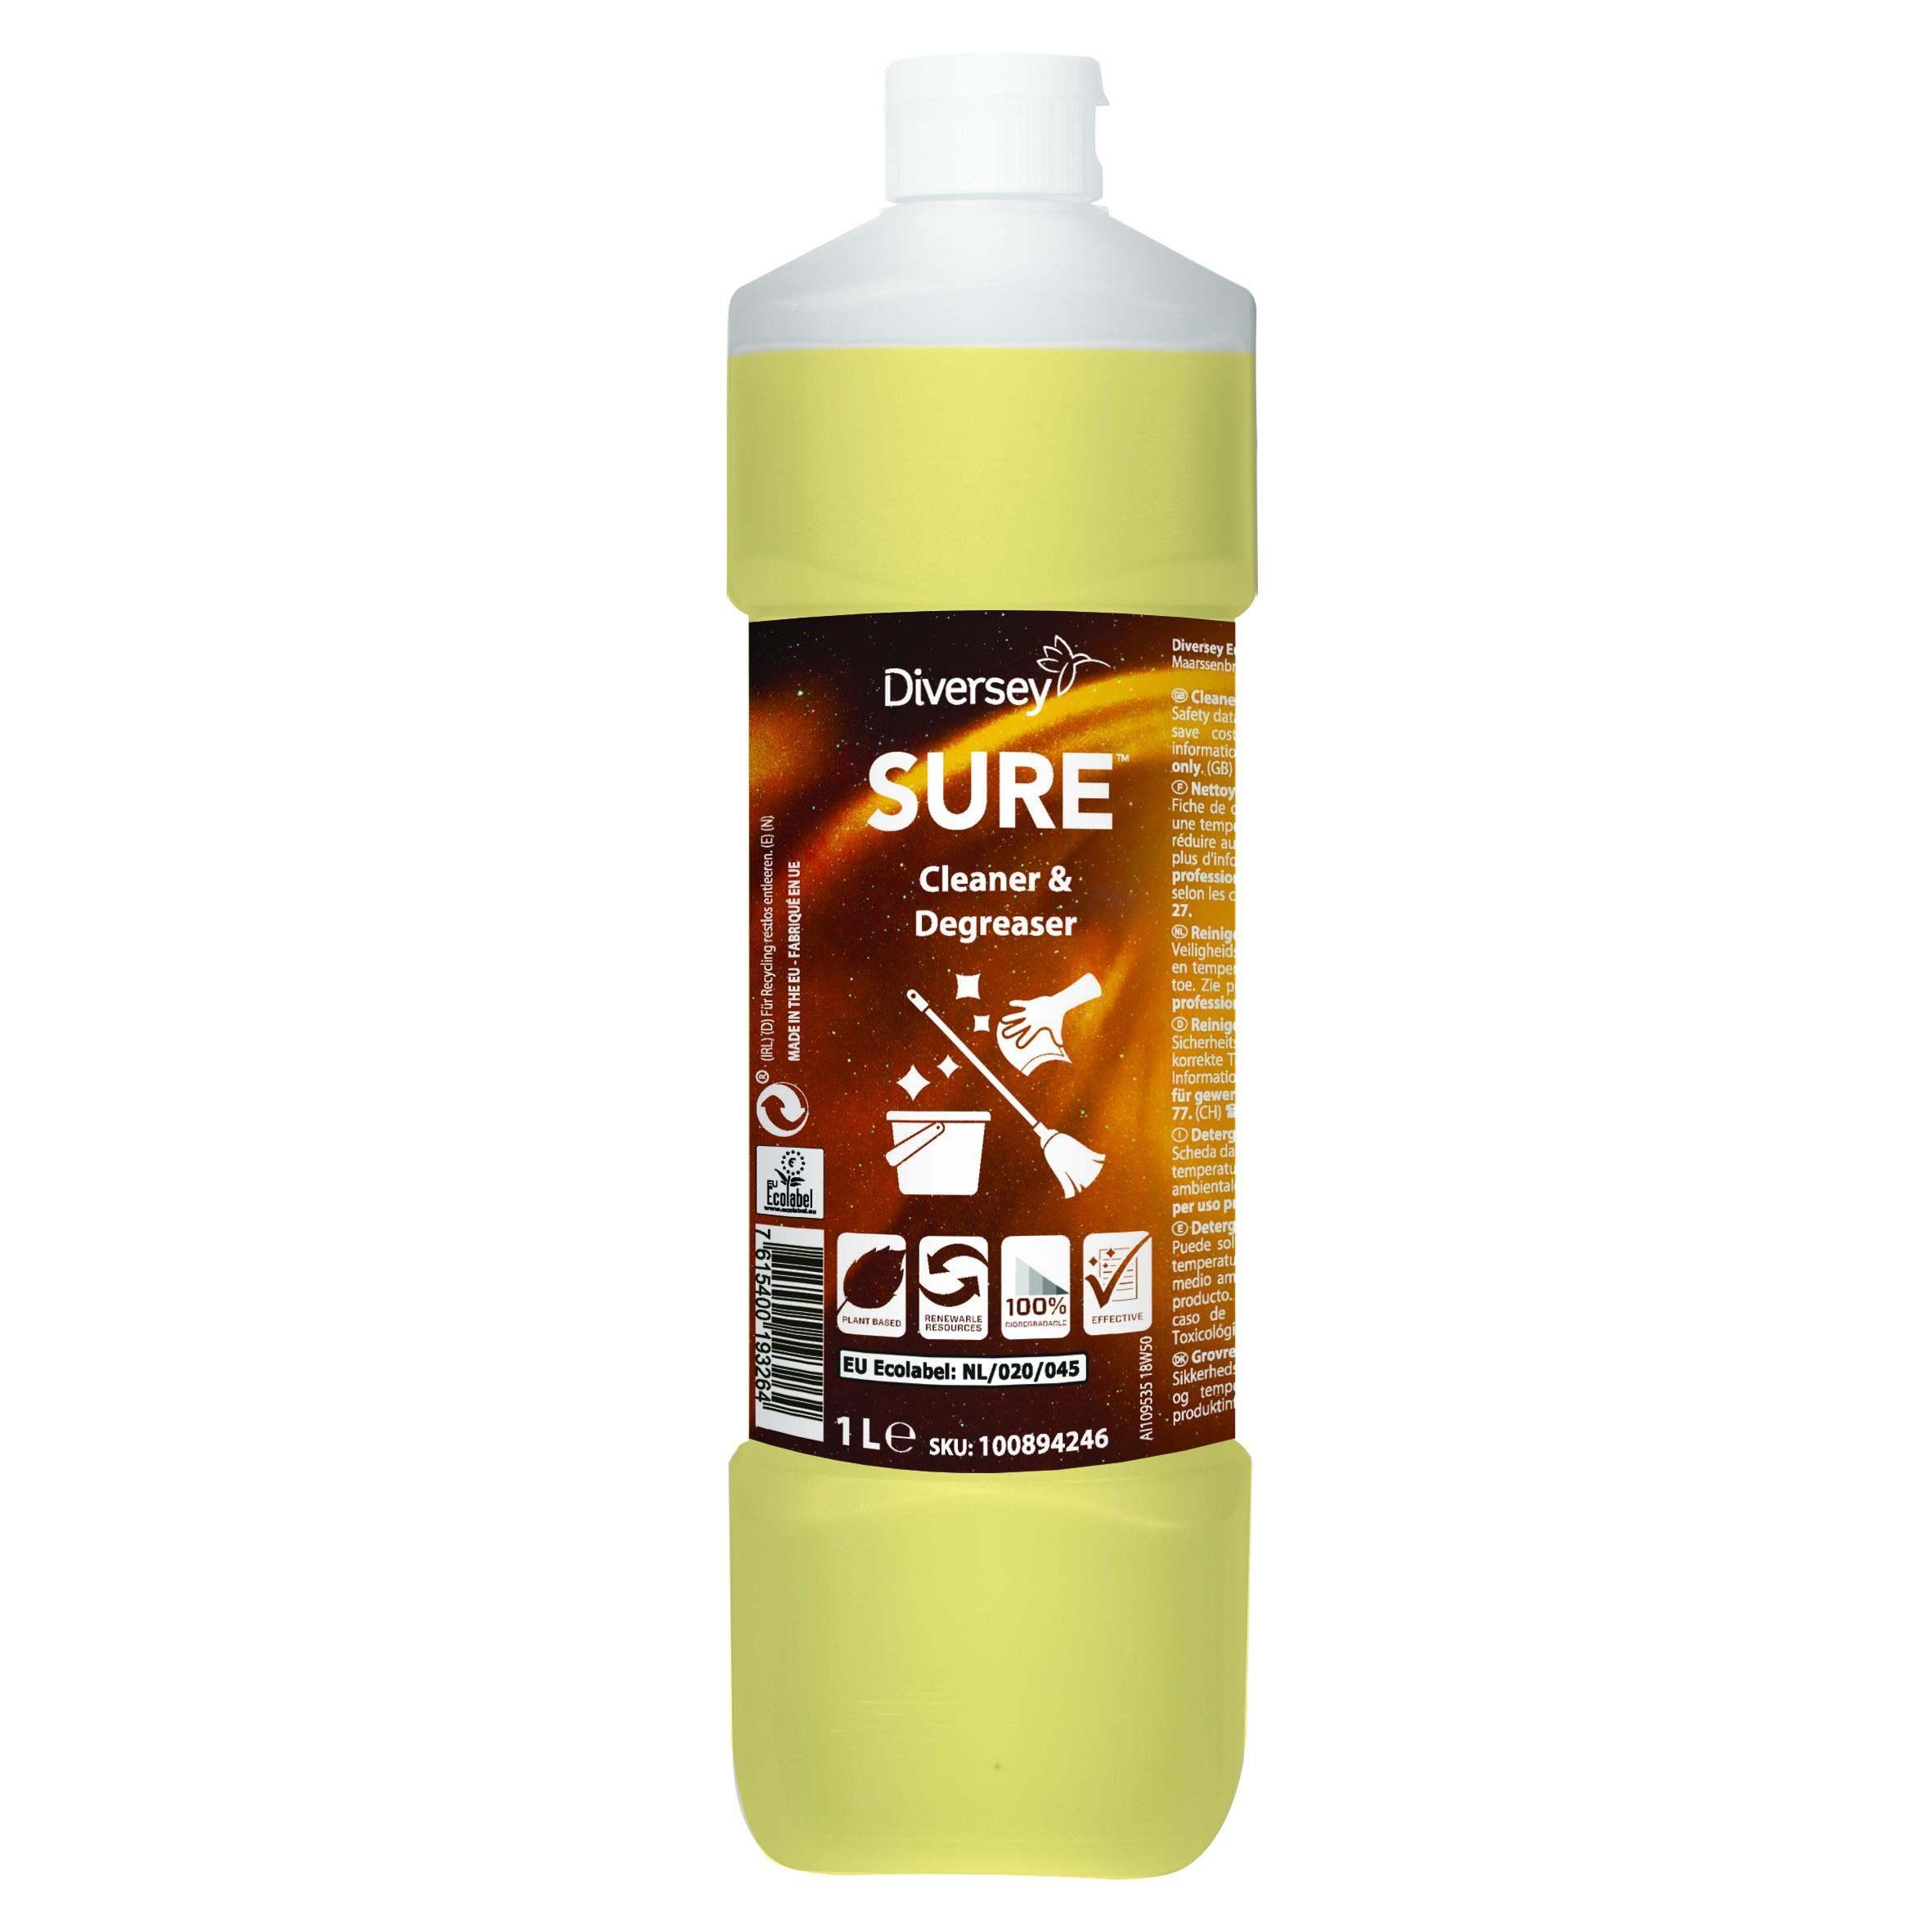 100894246-SURE-Cleaner-Degreaser-1L-CMYK-20x20cm.jpg